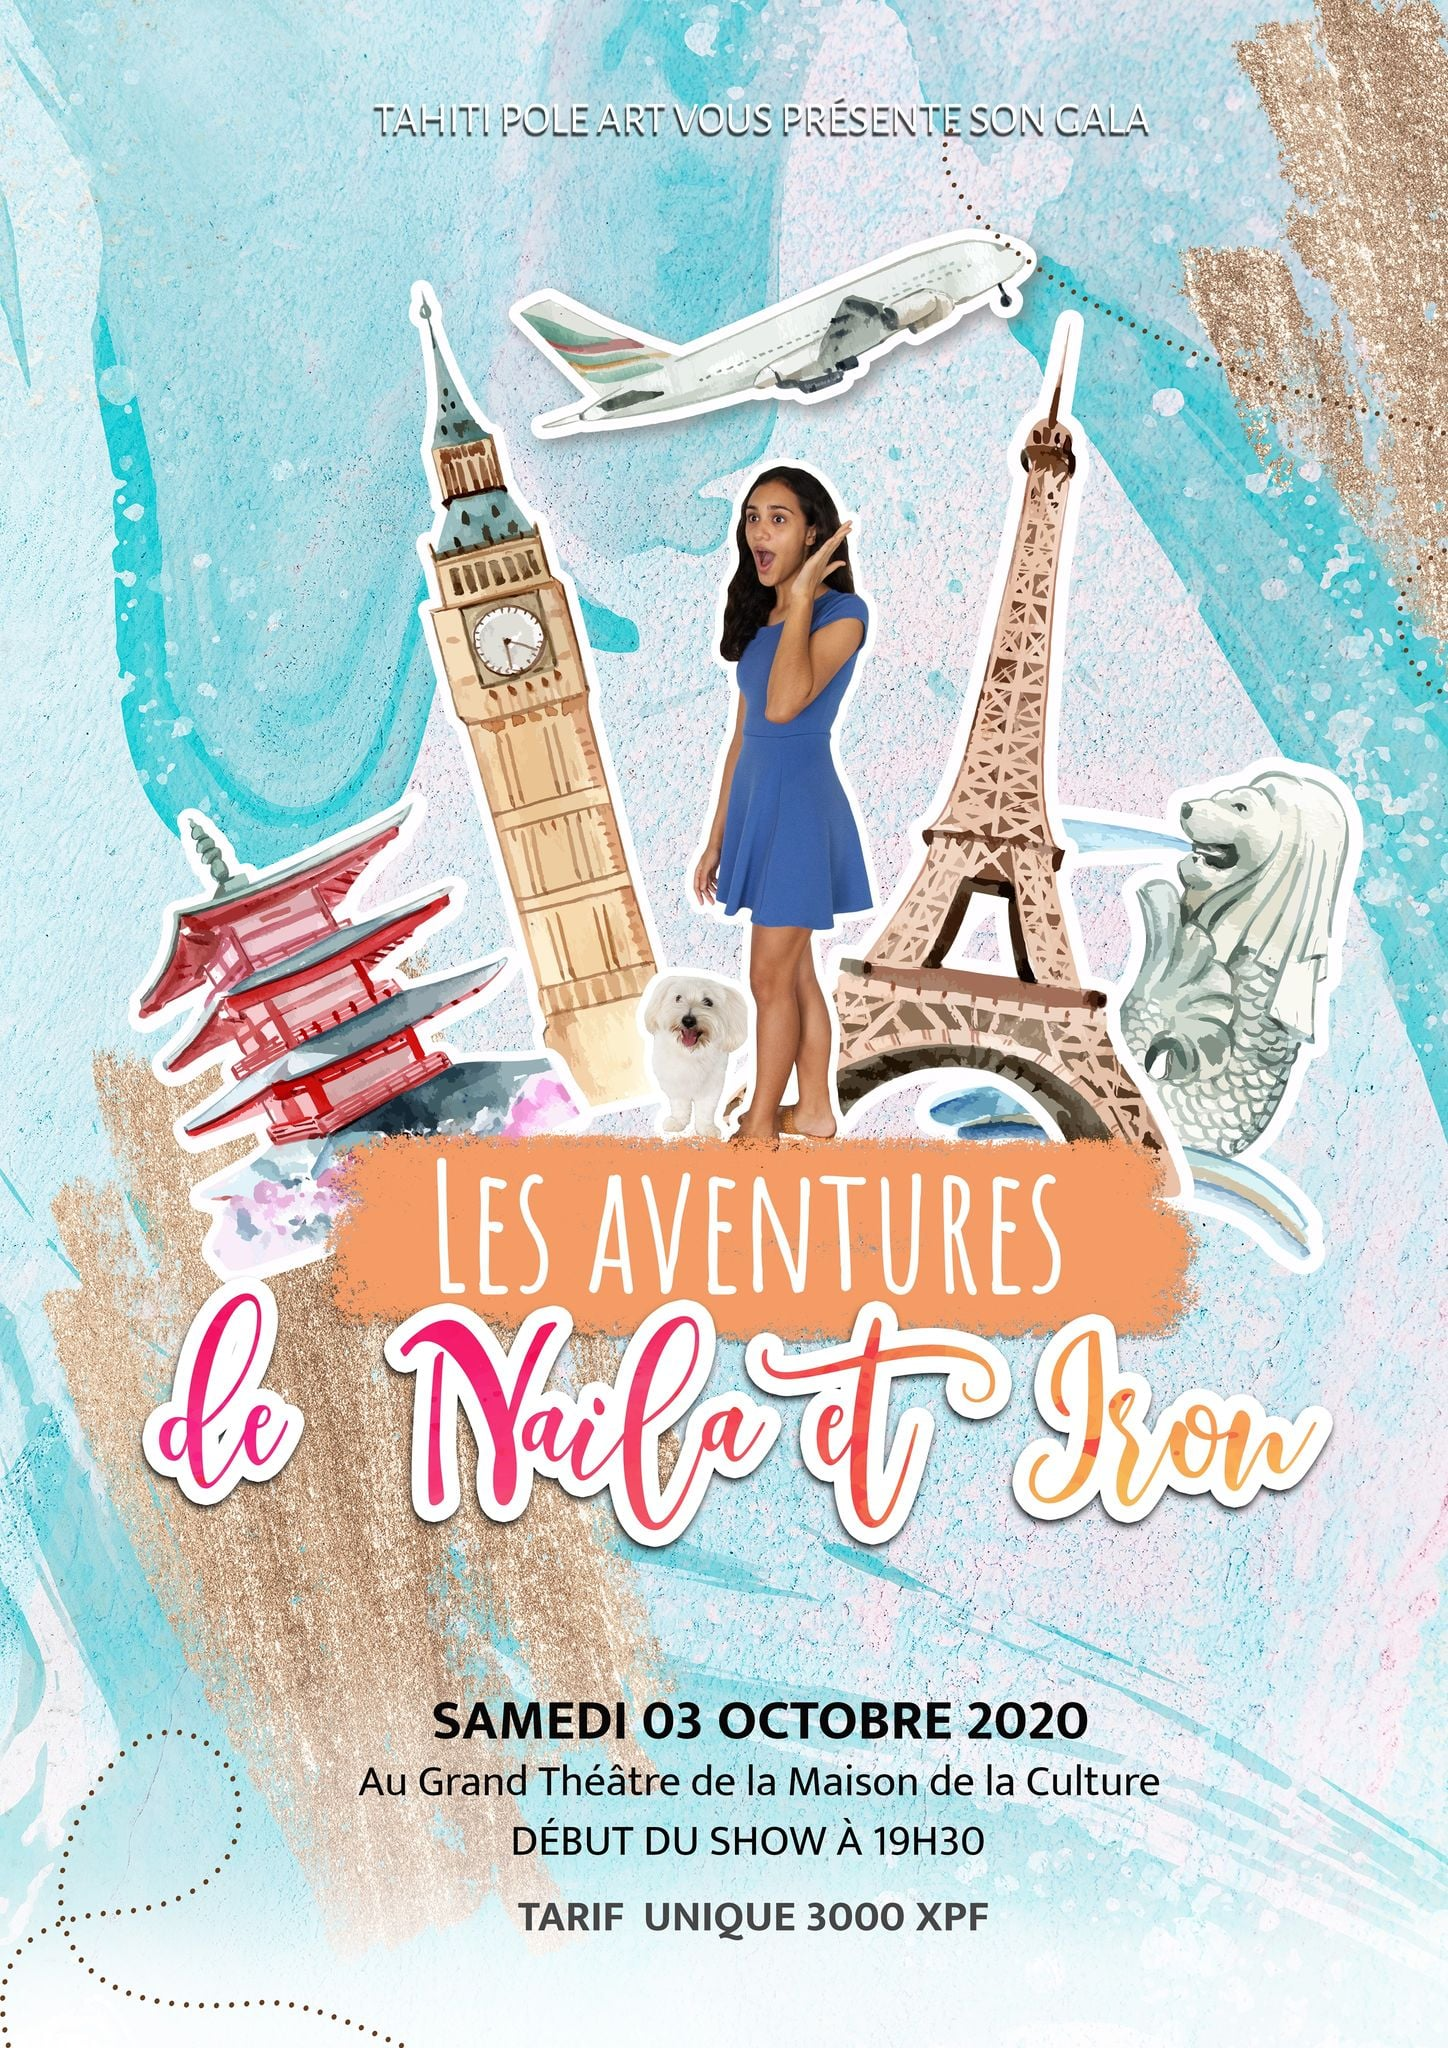 Tahiti pole art fait son show au Grand théâtre samedi